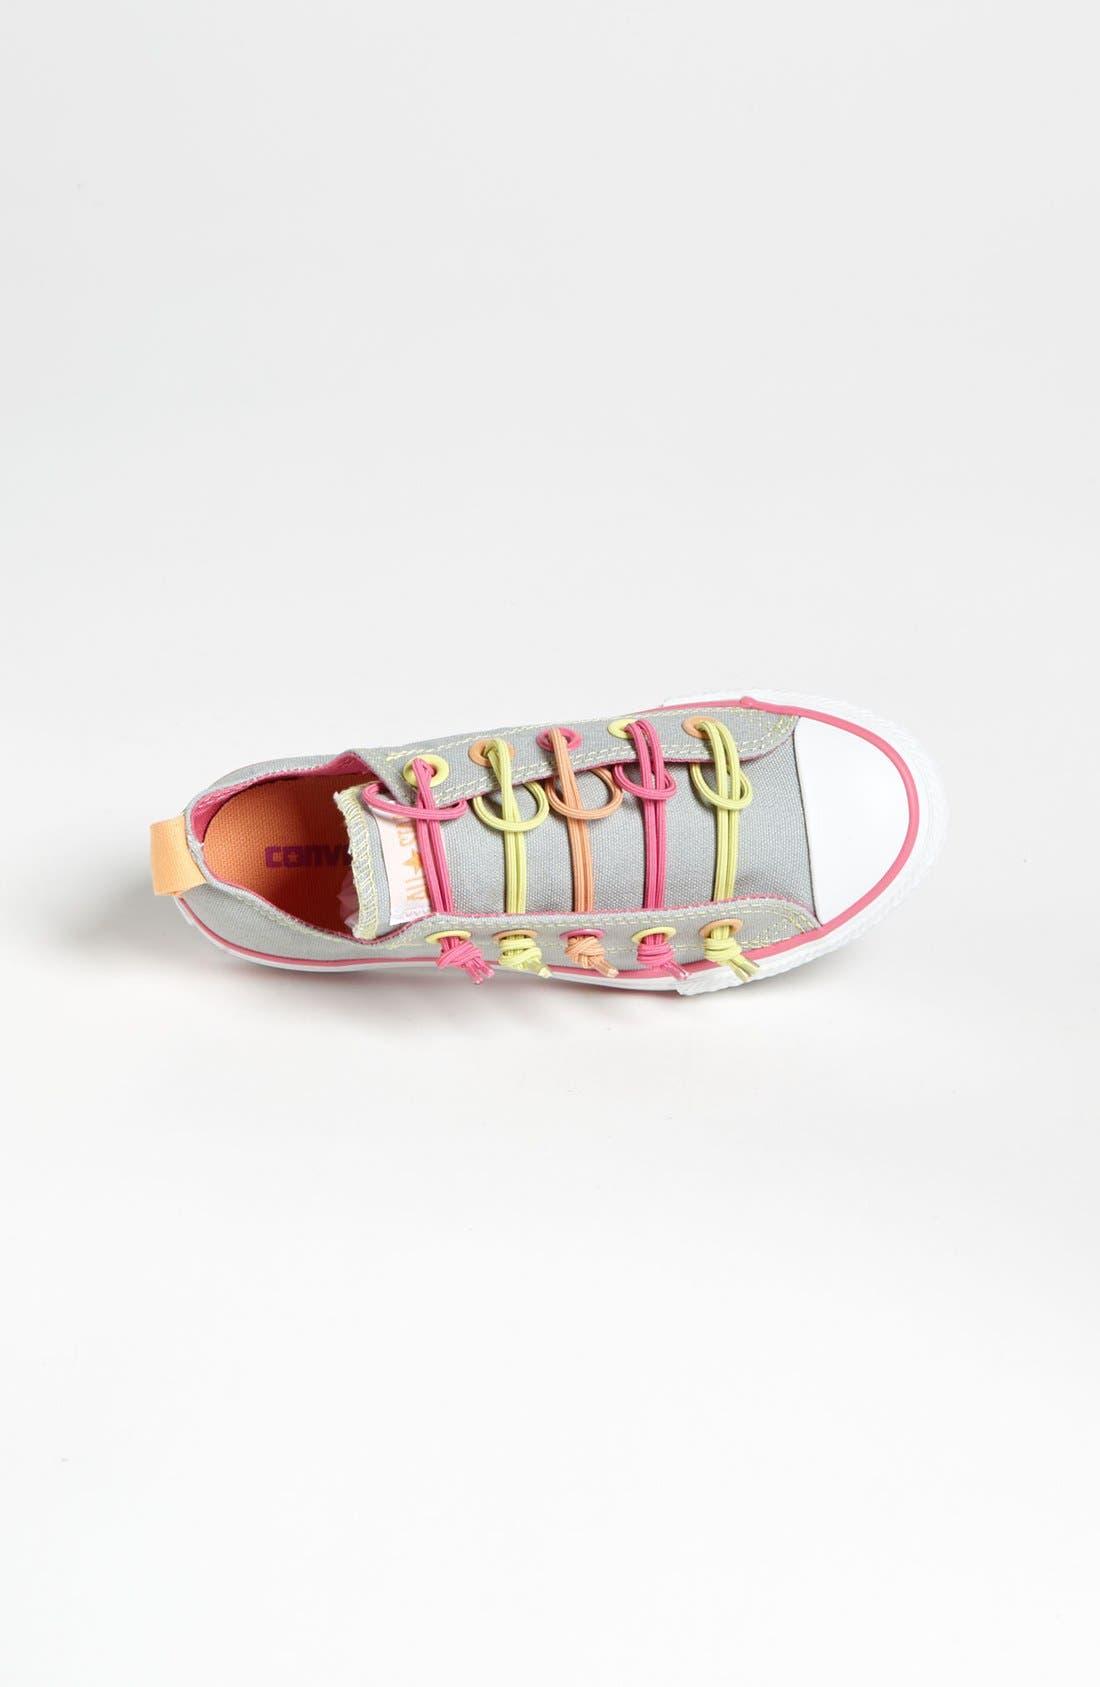 Alternate Image 3  - Converse All Star® 'Loop 2 Knot' Sneaker (Toddler, Little Kid & Big Kid)